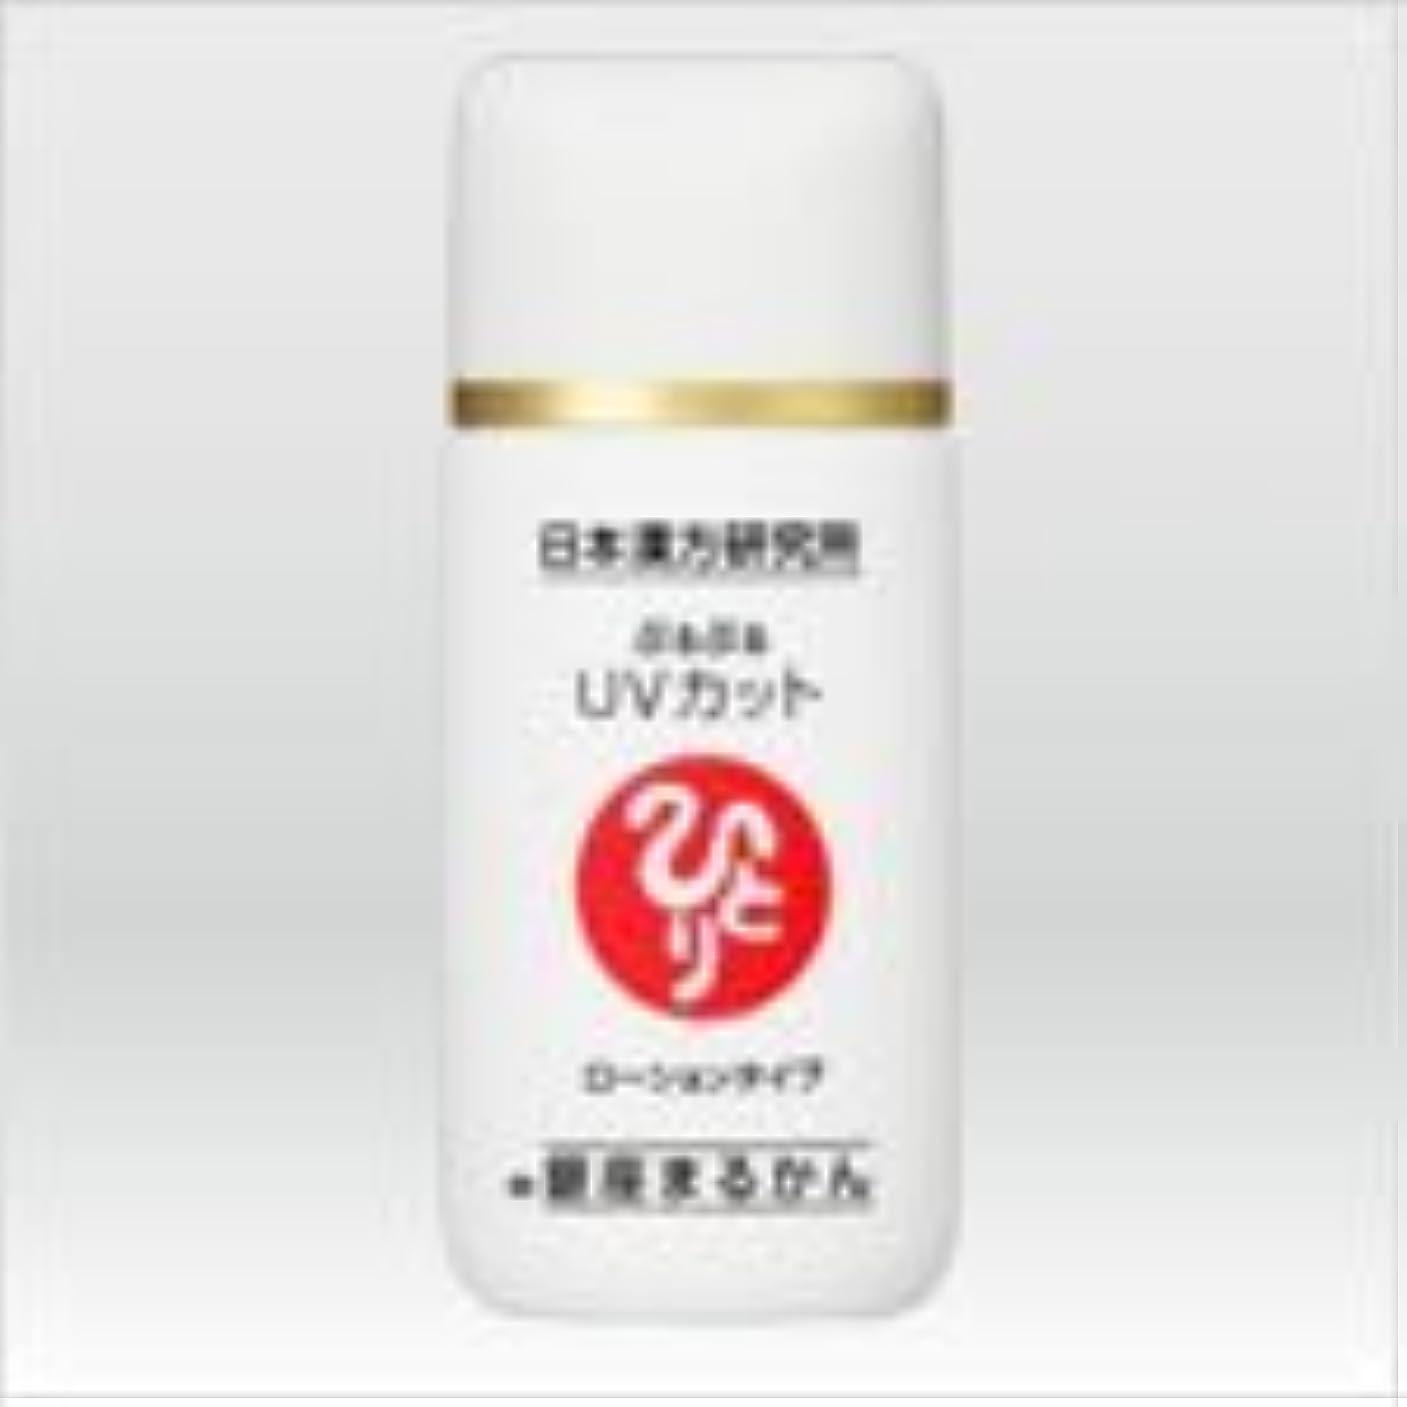 【銀座まるかん】ぷるぷるUVカット ローションタイプ